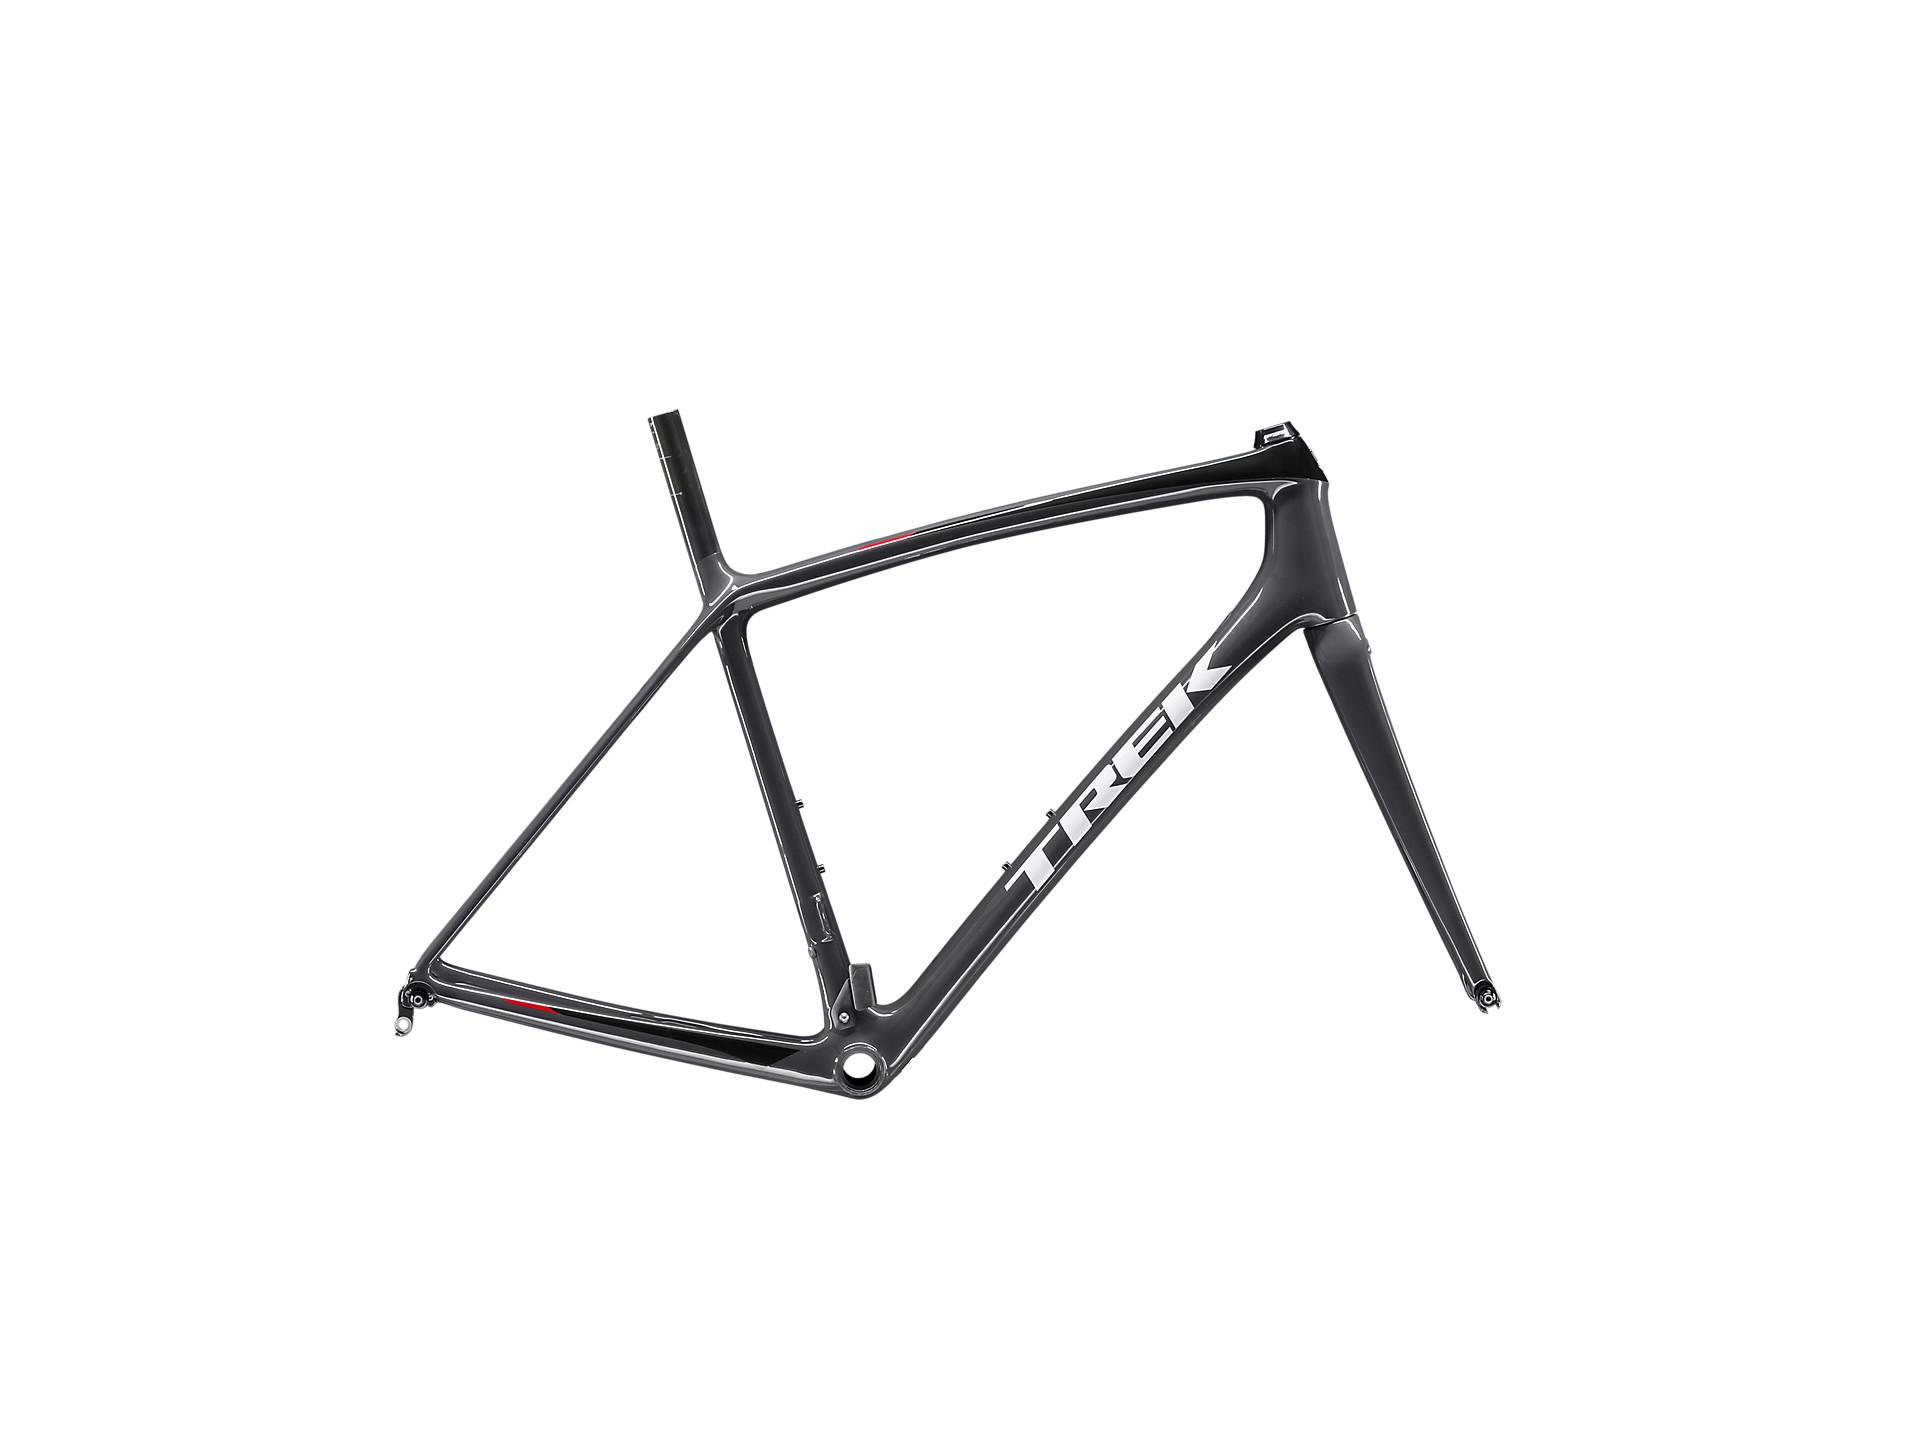 Kit Telaio émonda Slr H2 Trek Bikes It